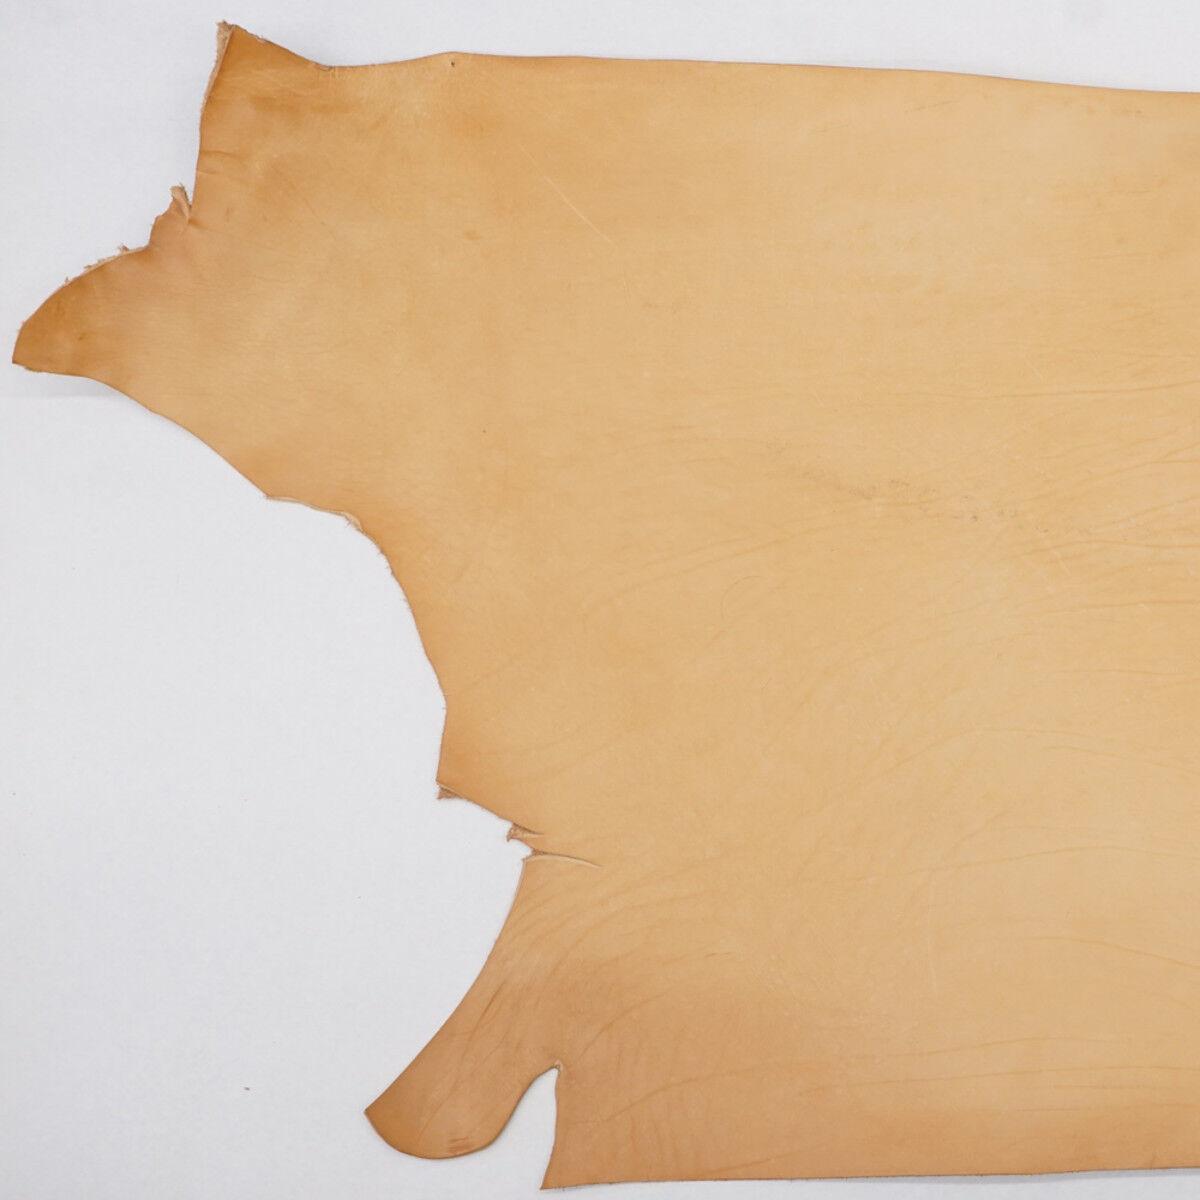 Import Veg Tan Single Cowhide Leather Holster Shoulder 8/9oz